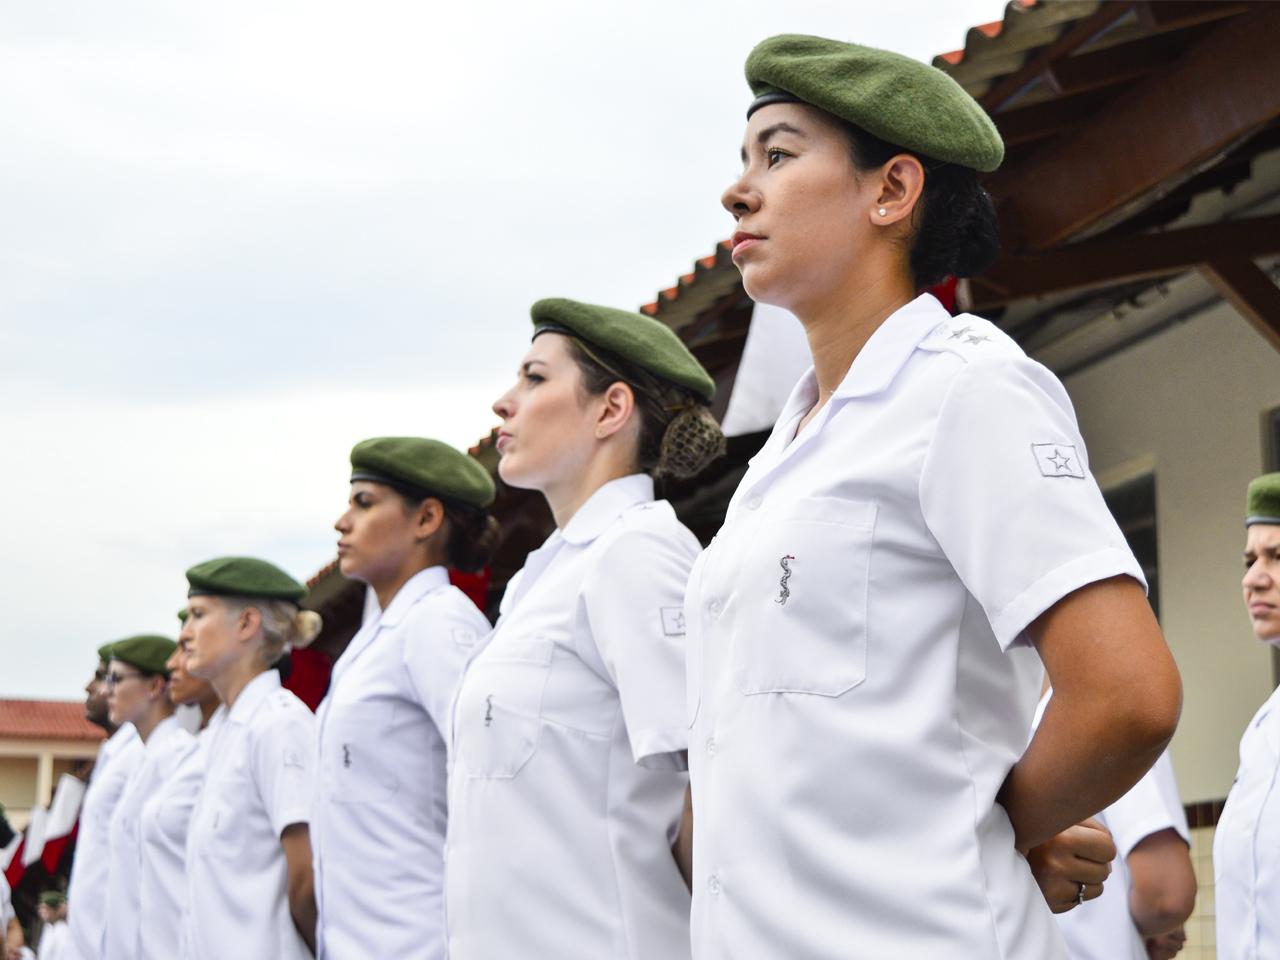 Serviço de Saúde do Exército comemora seu dia com pessoal da reserva, torneio esportivo e exposição